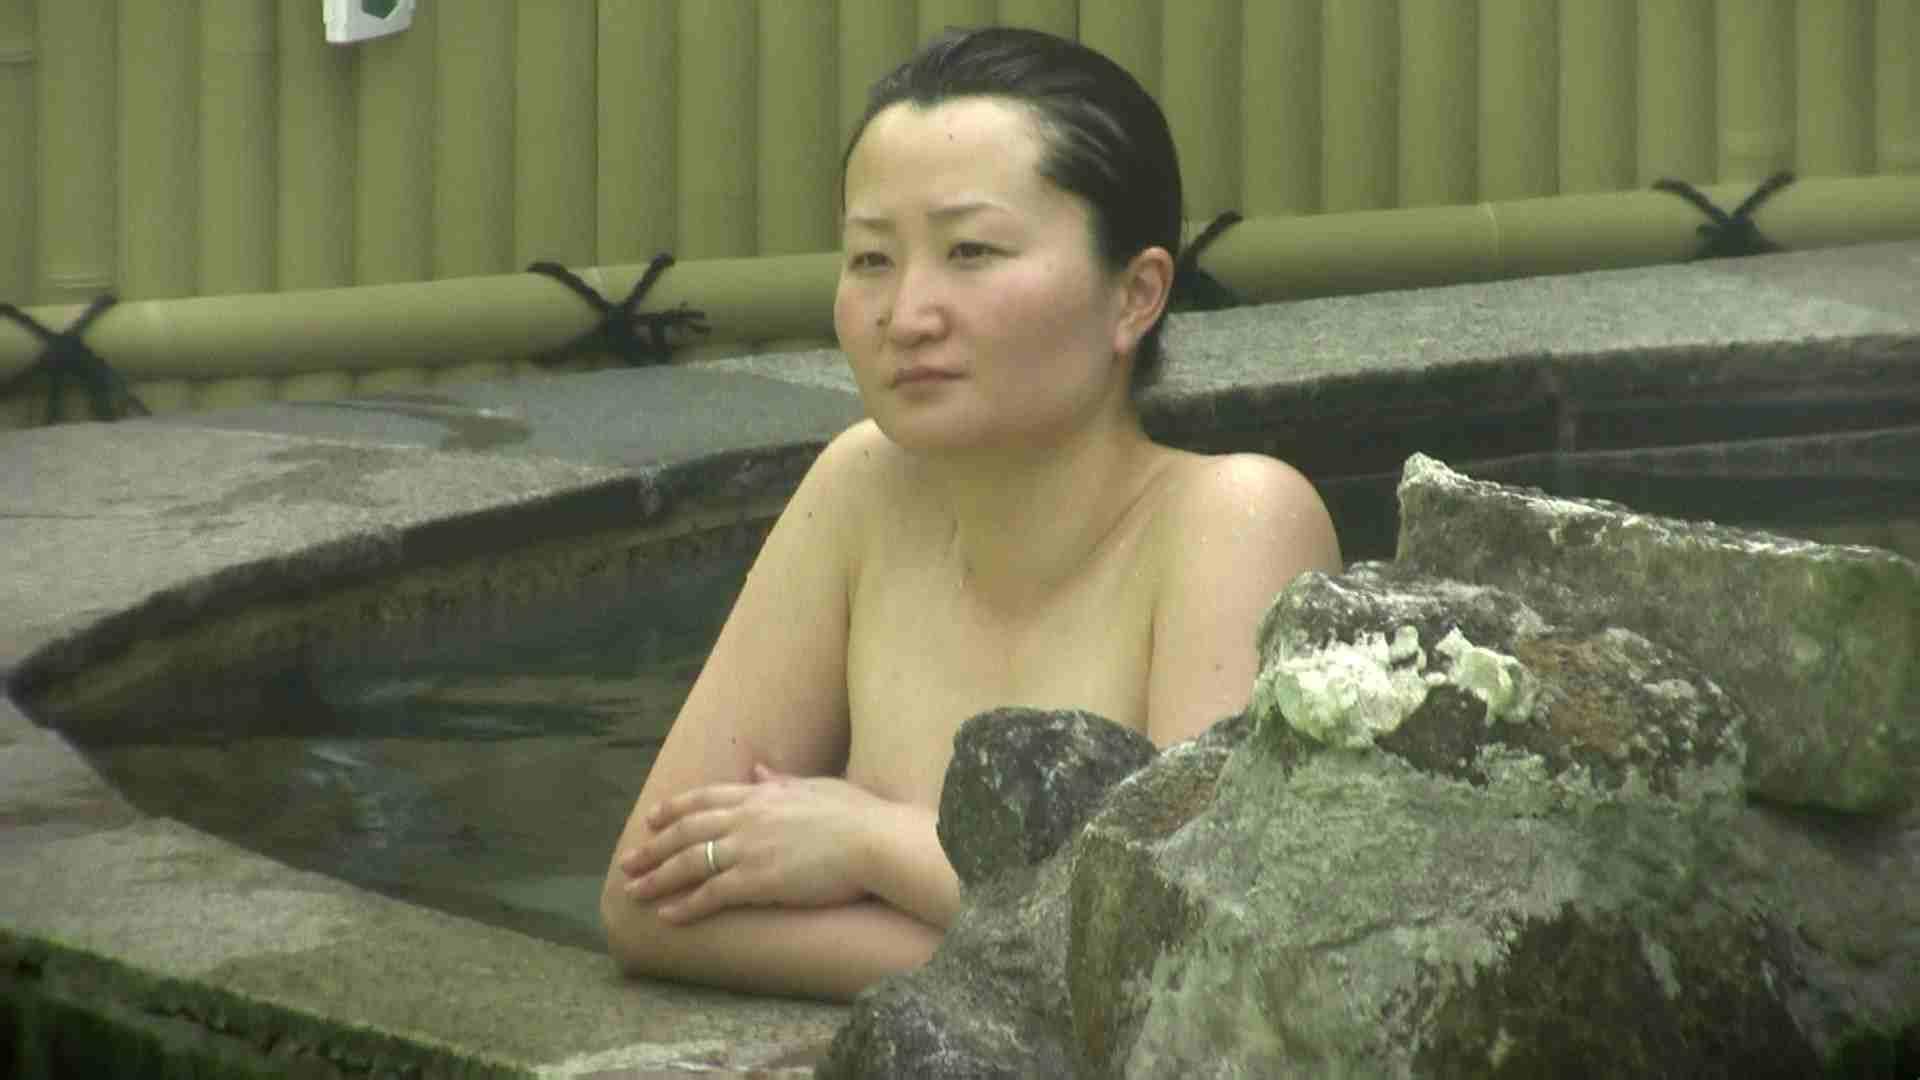 Aquaな露天風呂Vol.632 盗撮シリーズ  100PIX 98